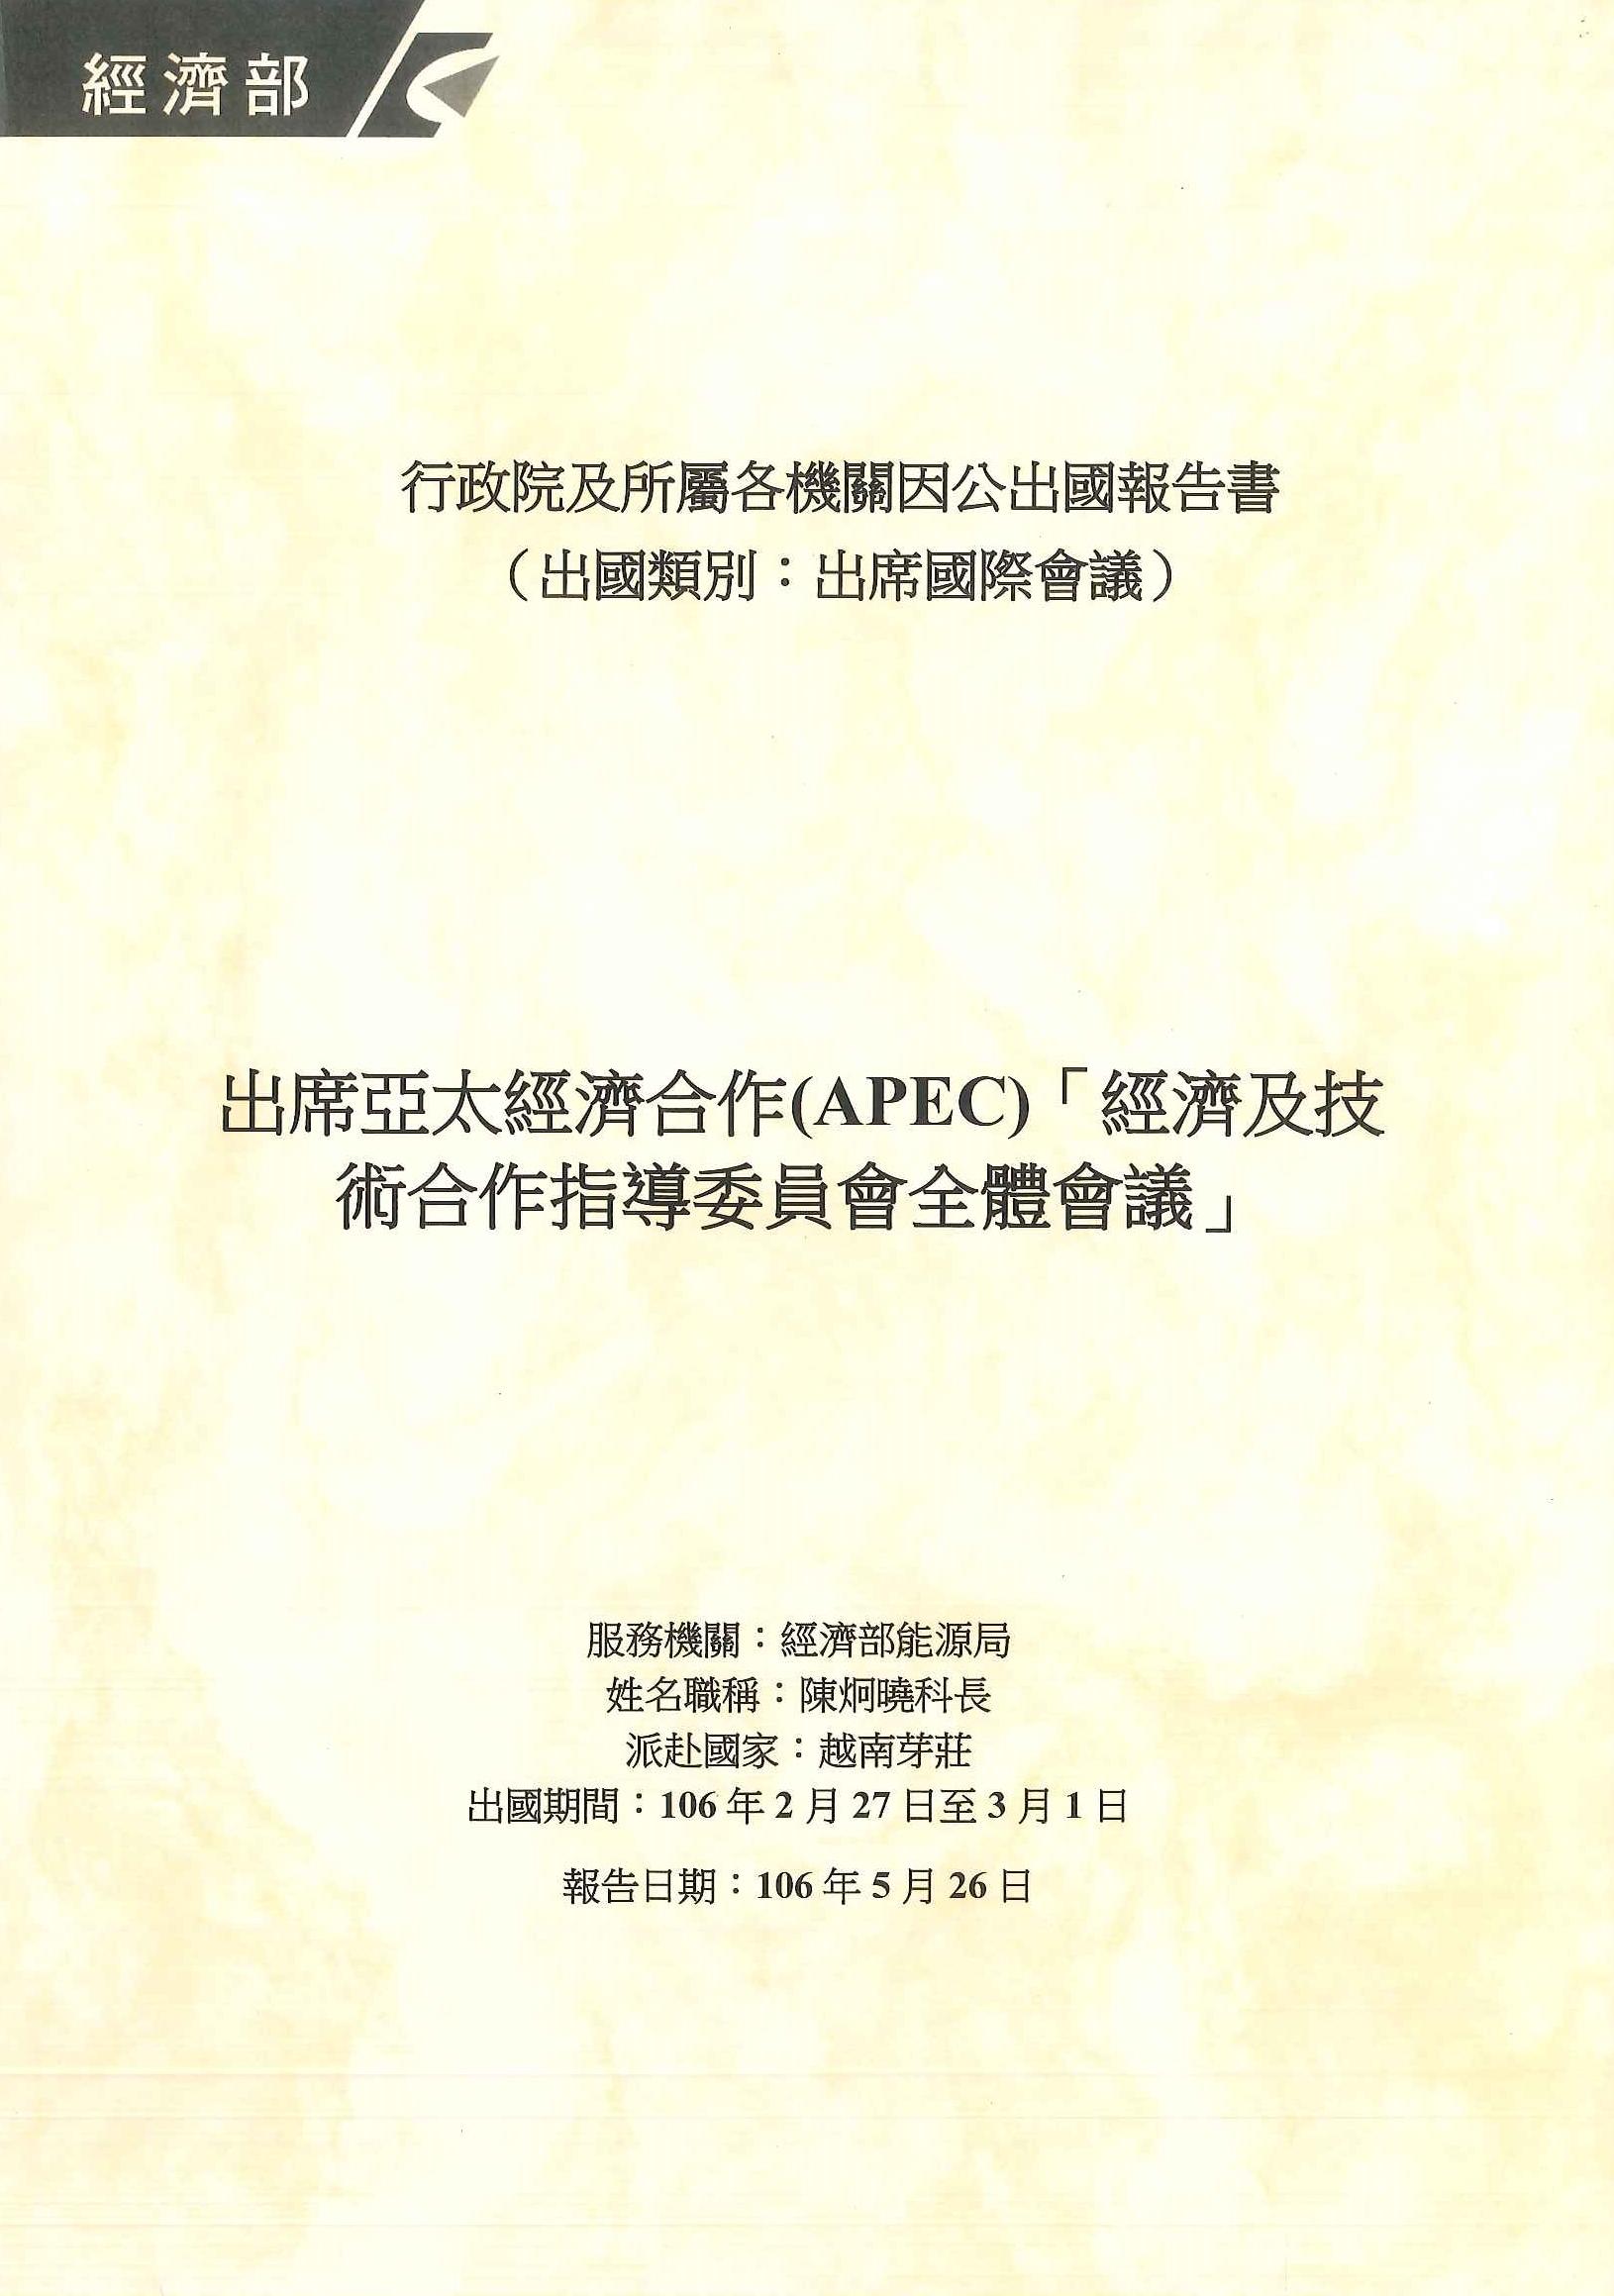 出席亞太經濟合作(APEC)「經濟及技術合作指導委員會全體會議」